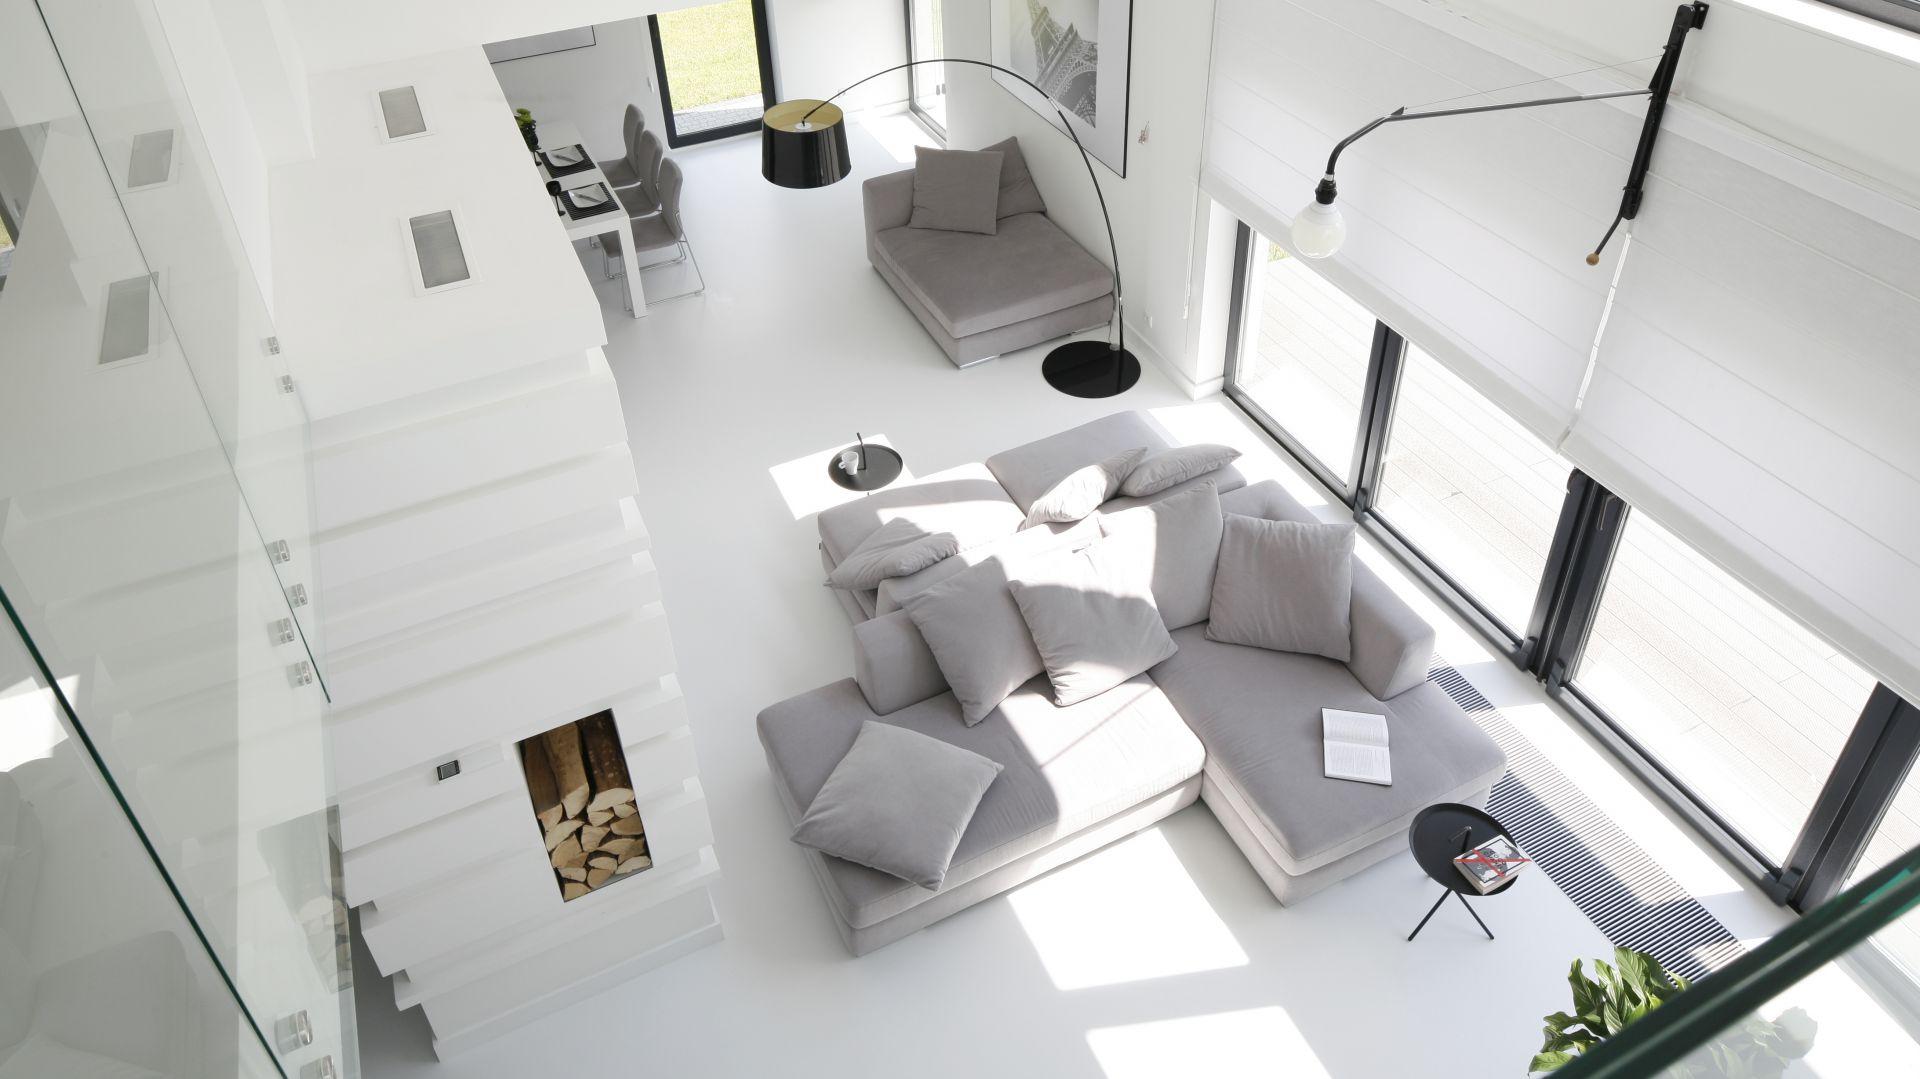 Nowoczesny dom - piękne wnętrza w bieli i szarości